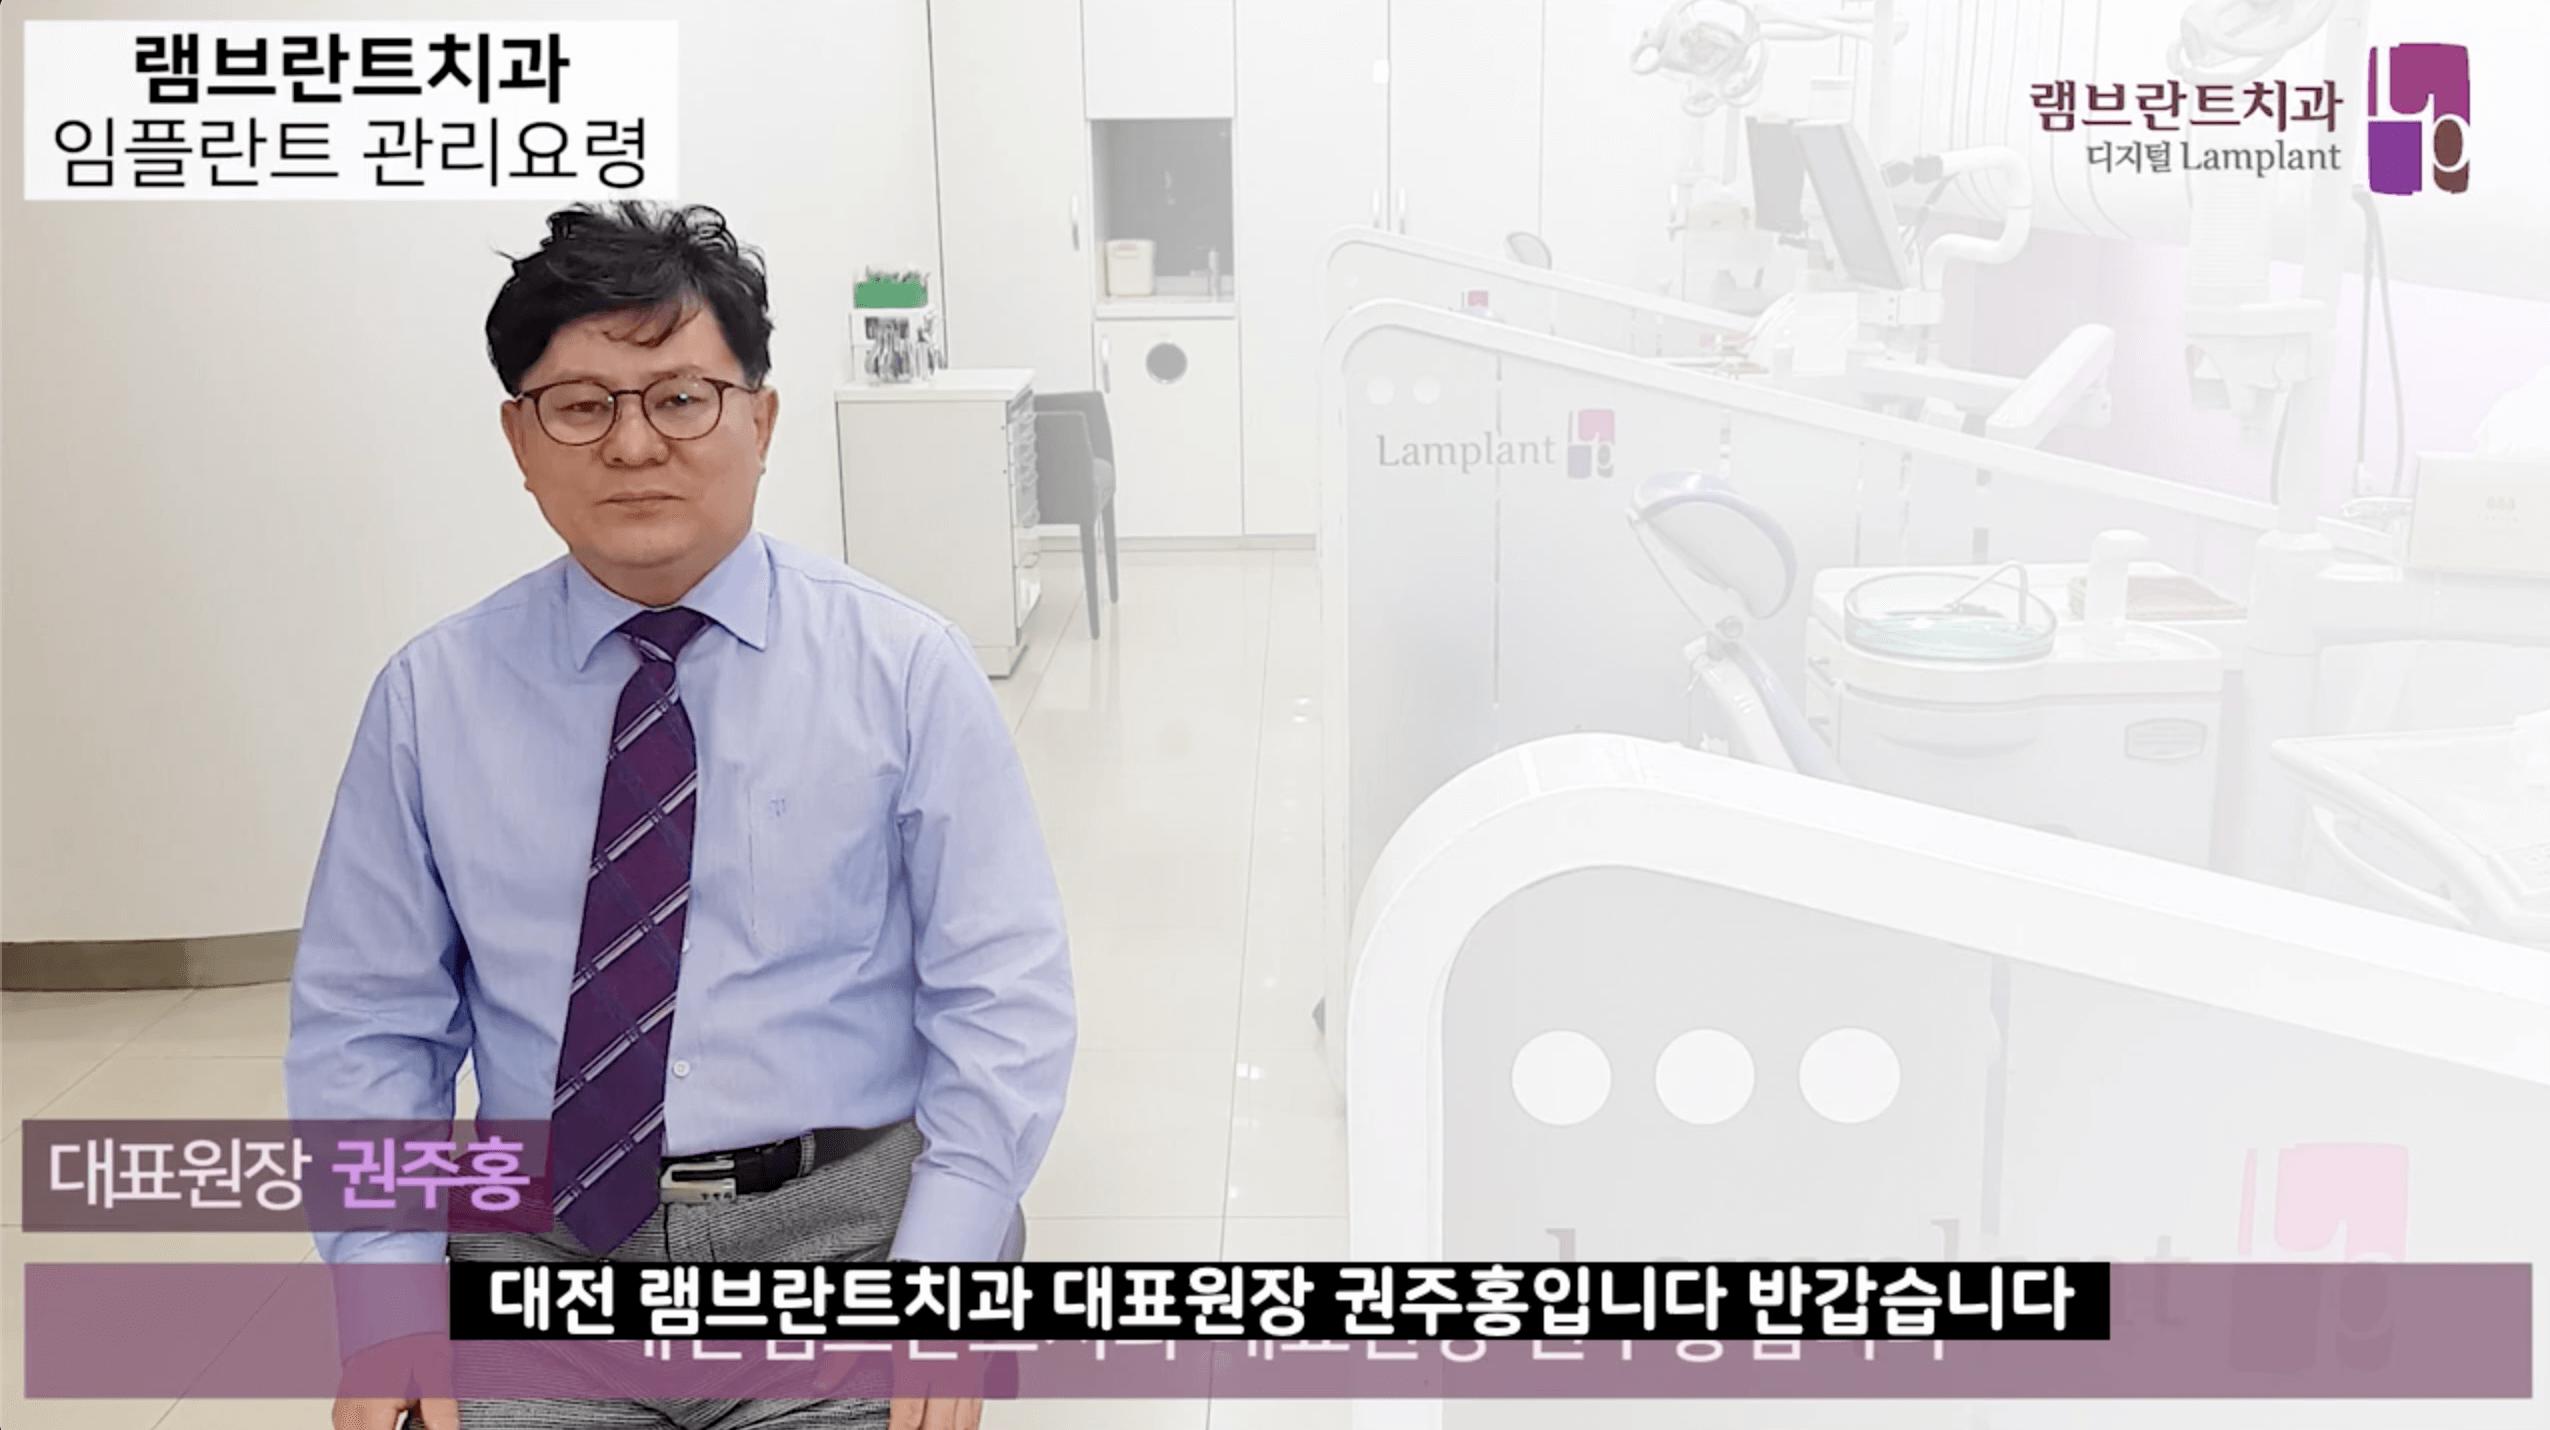 [대전치과,대전충치치료] 임플란트의 수명과 관리방법에 대해 알아보기 01, 권주홍 대표원장